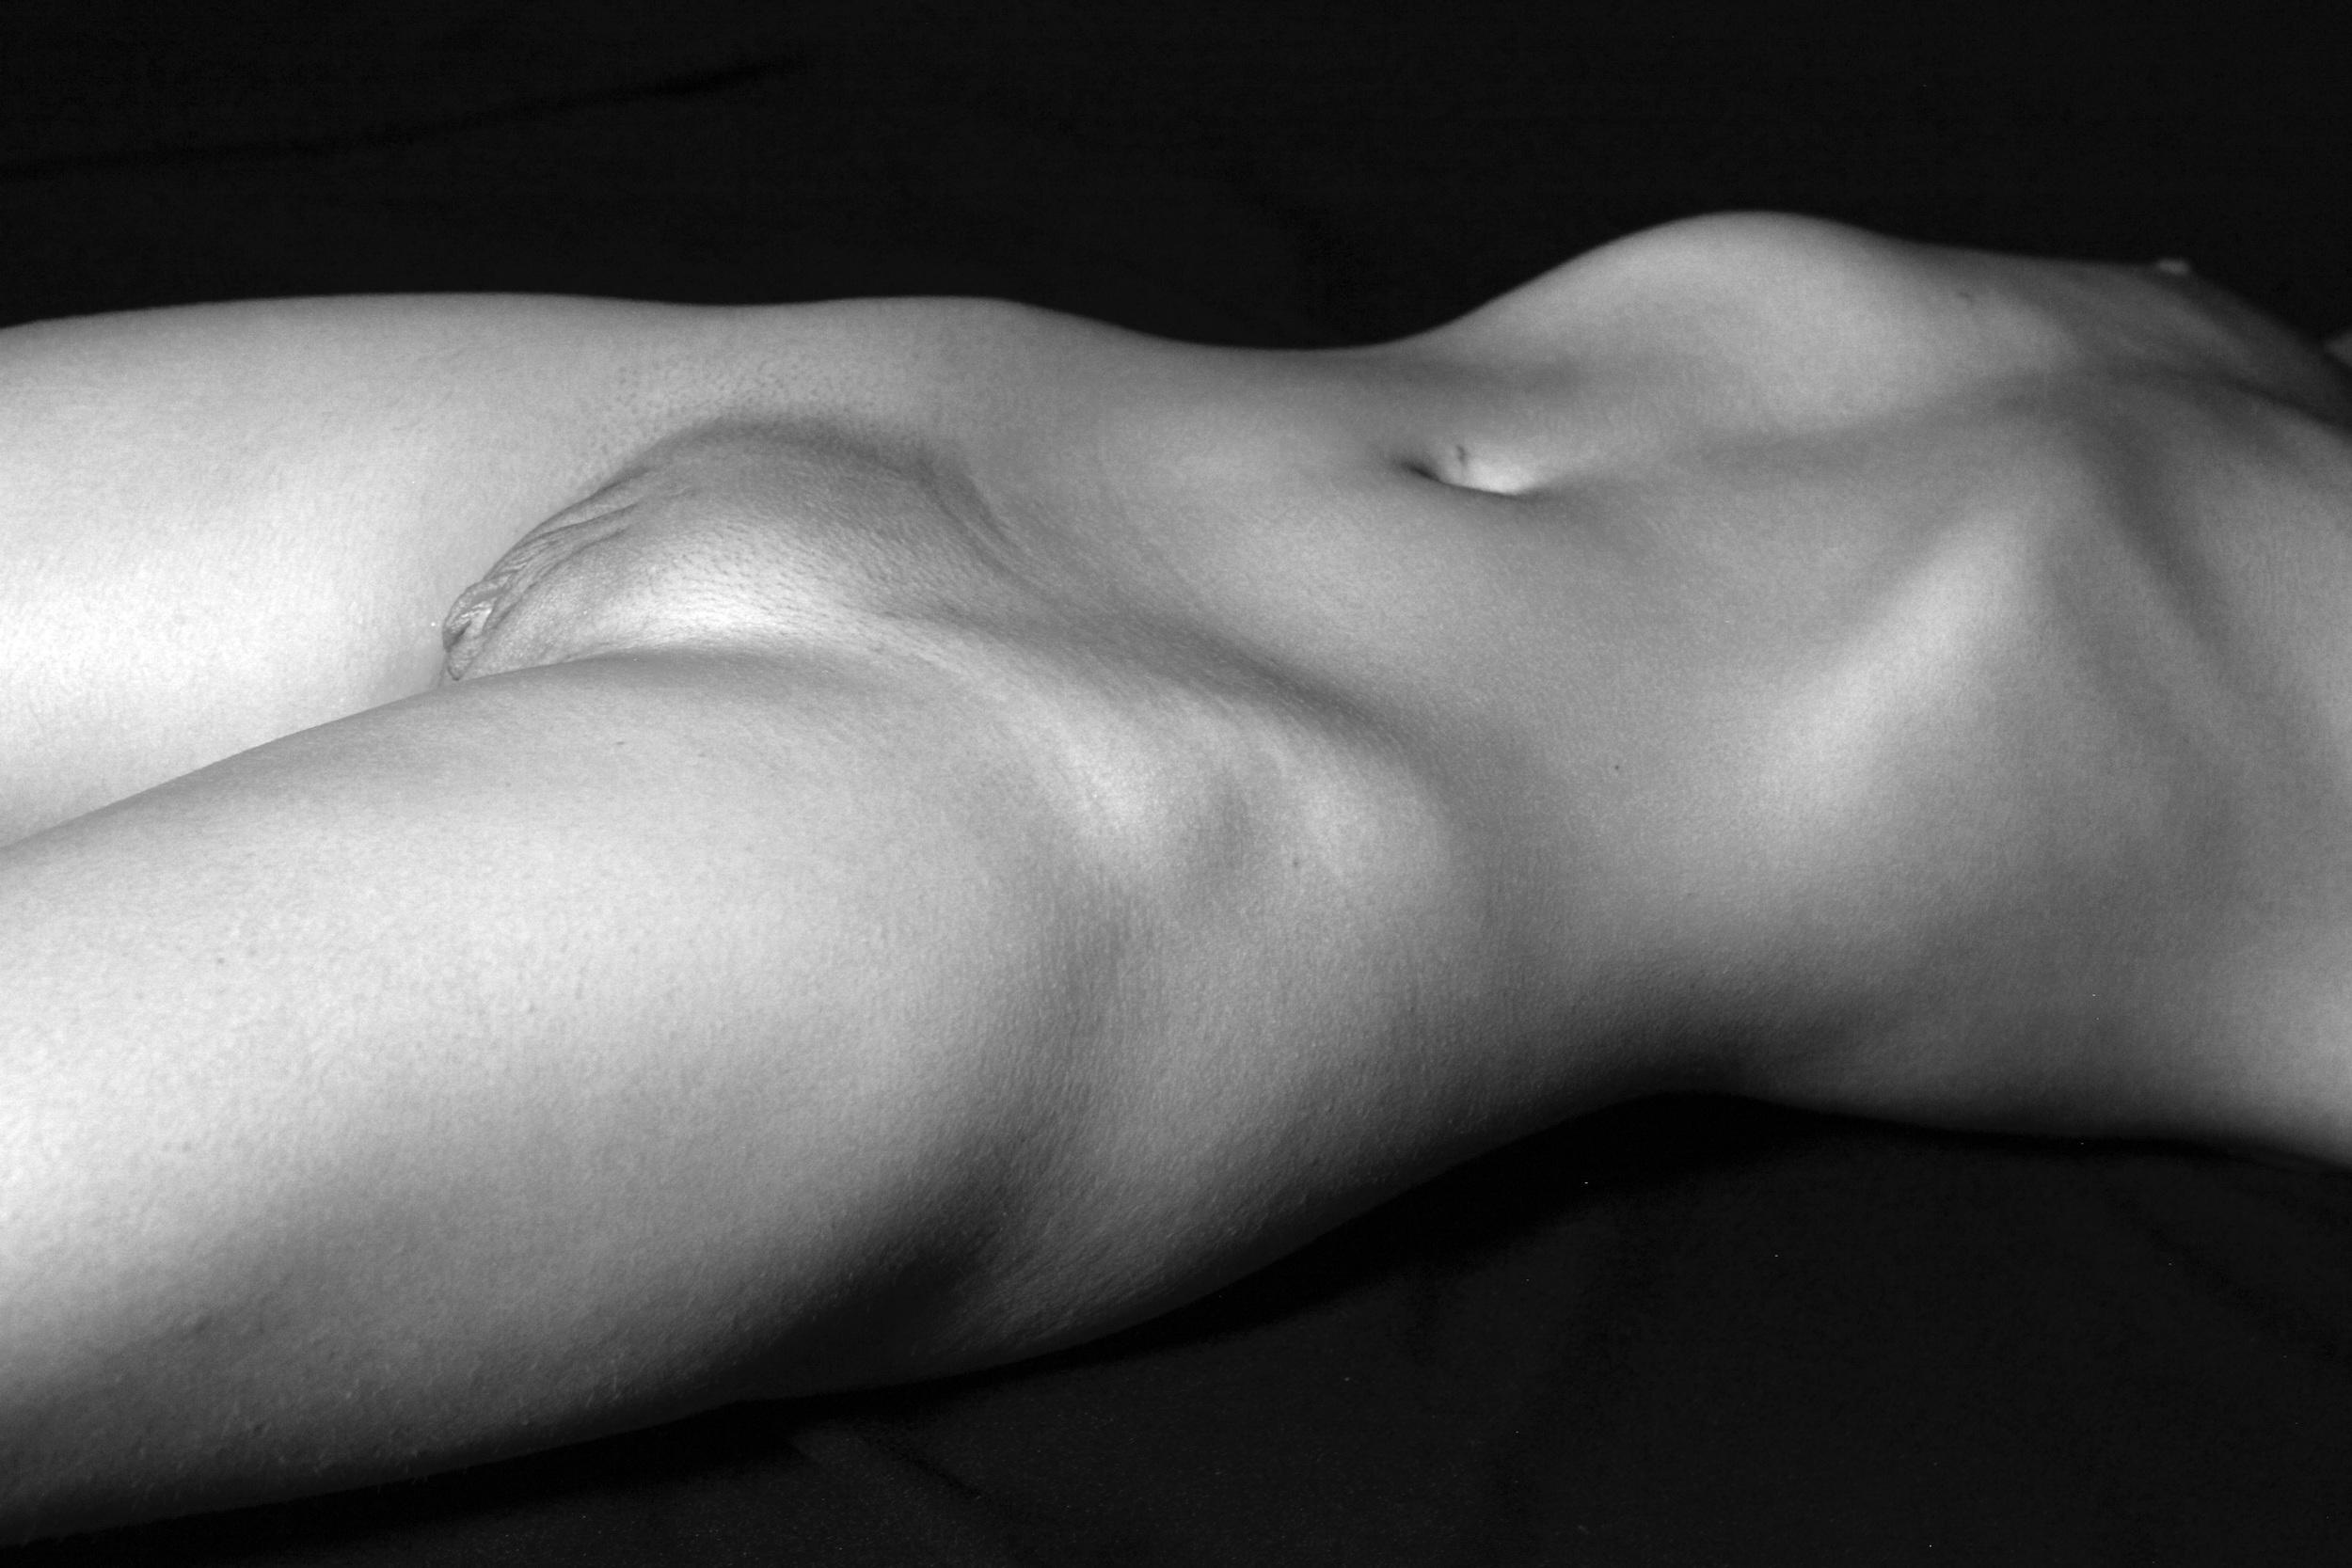 Body Scape #2